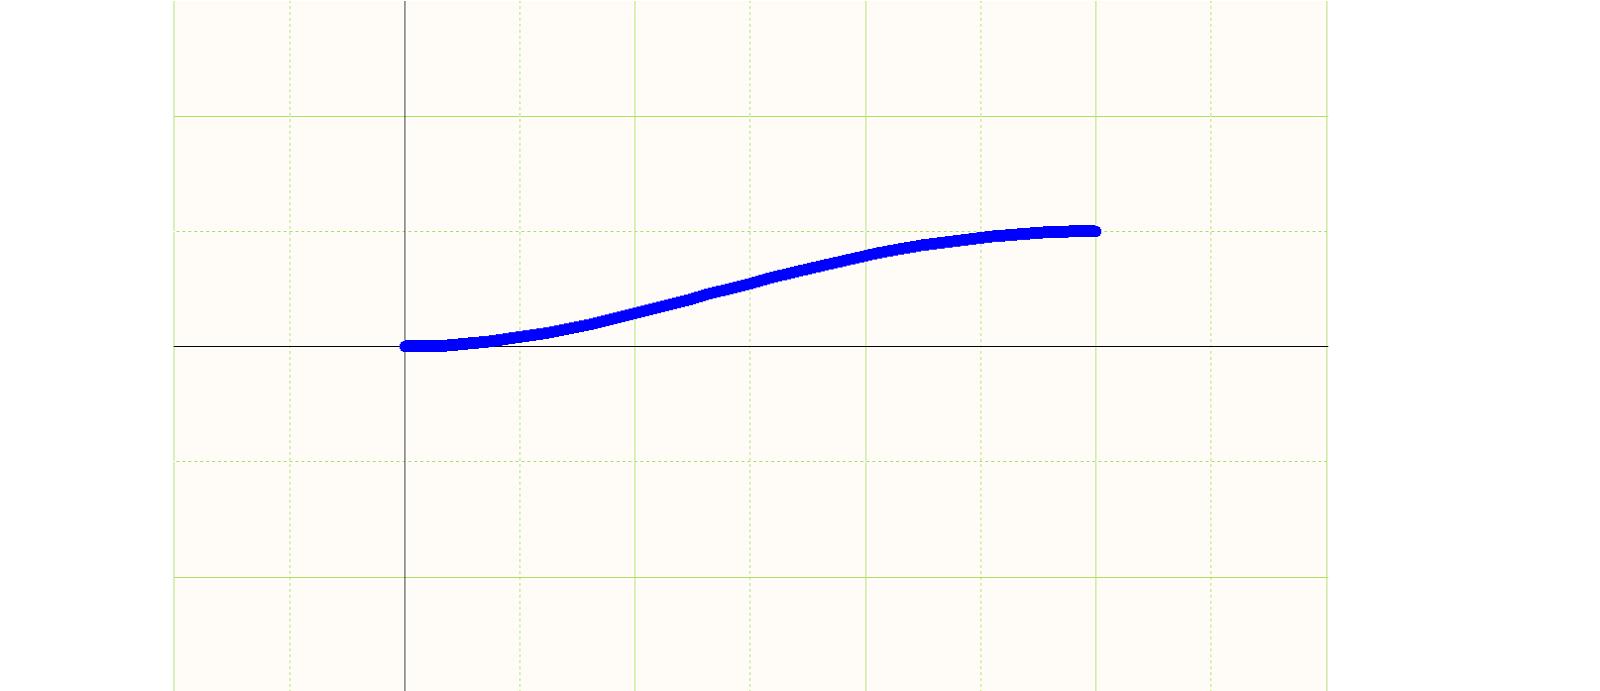 Figura 6: Parte superior de un termorretráctil con un plano de la curva de Bezier